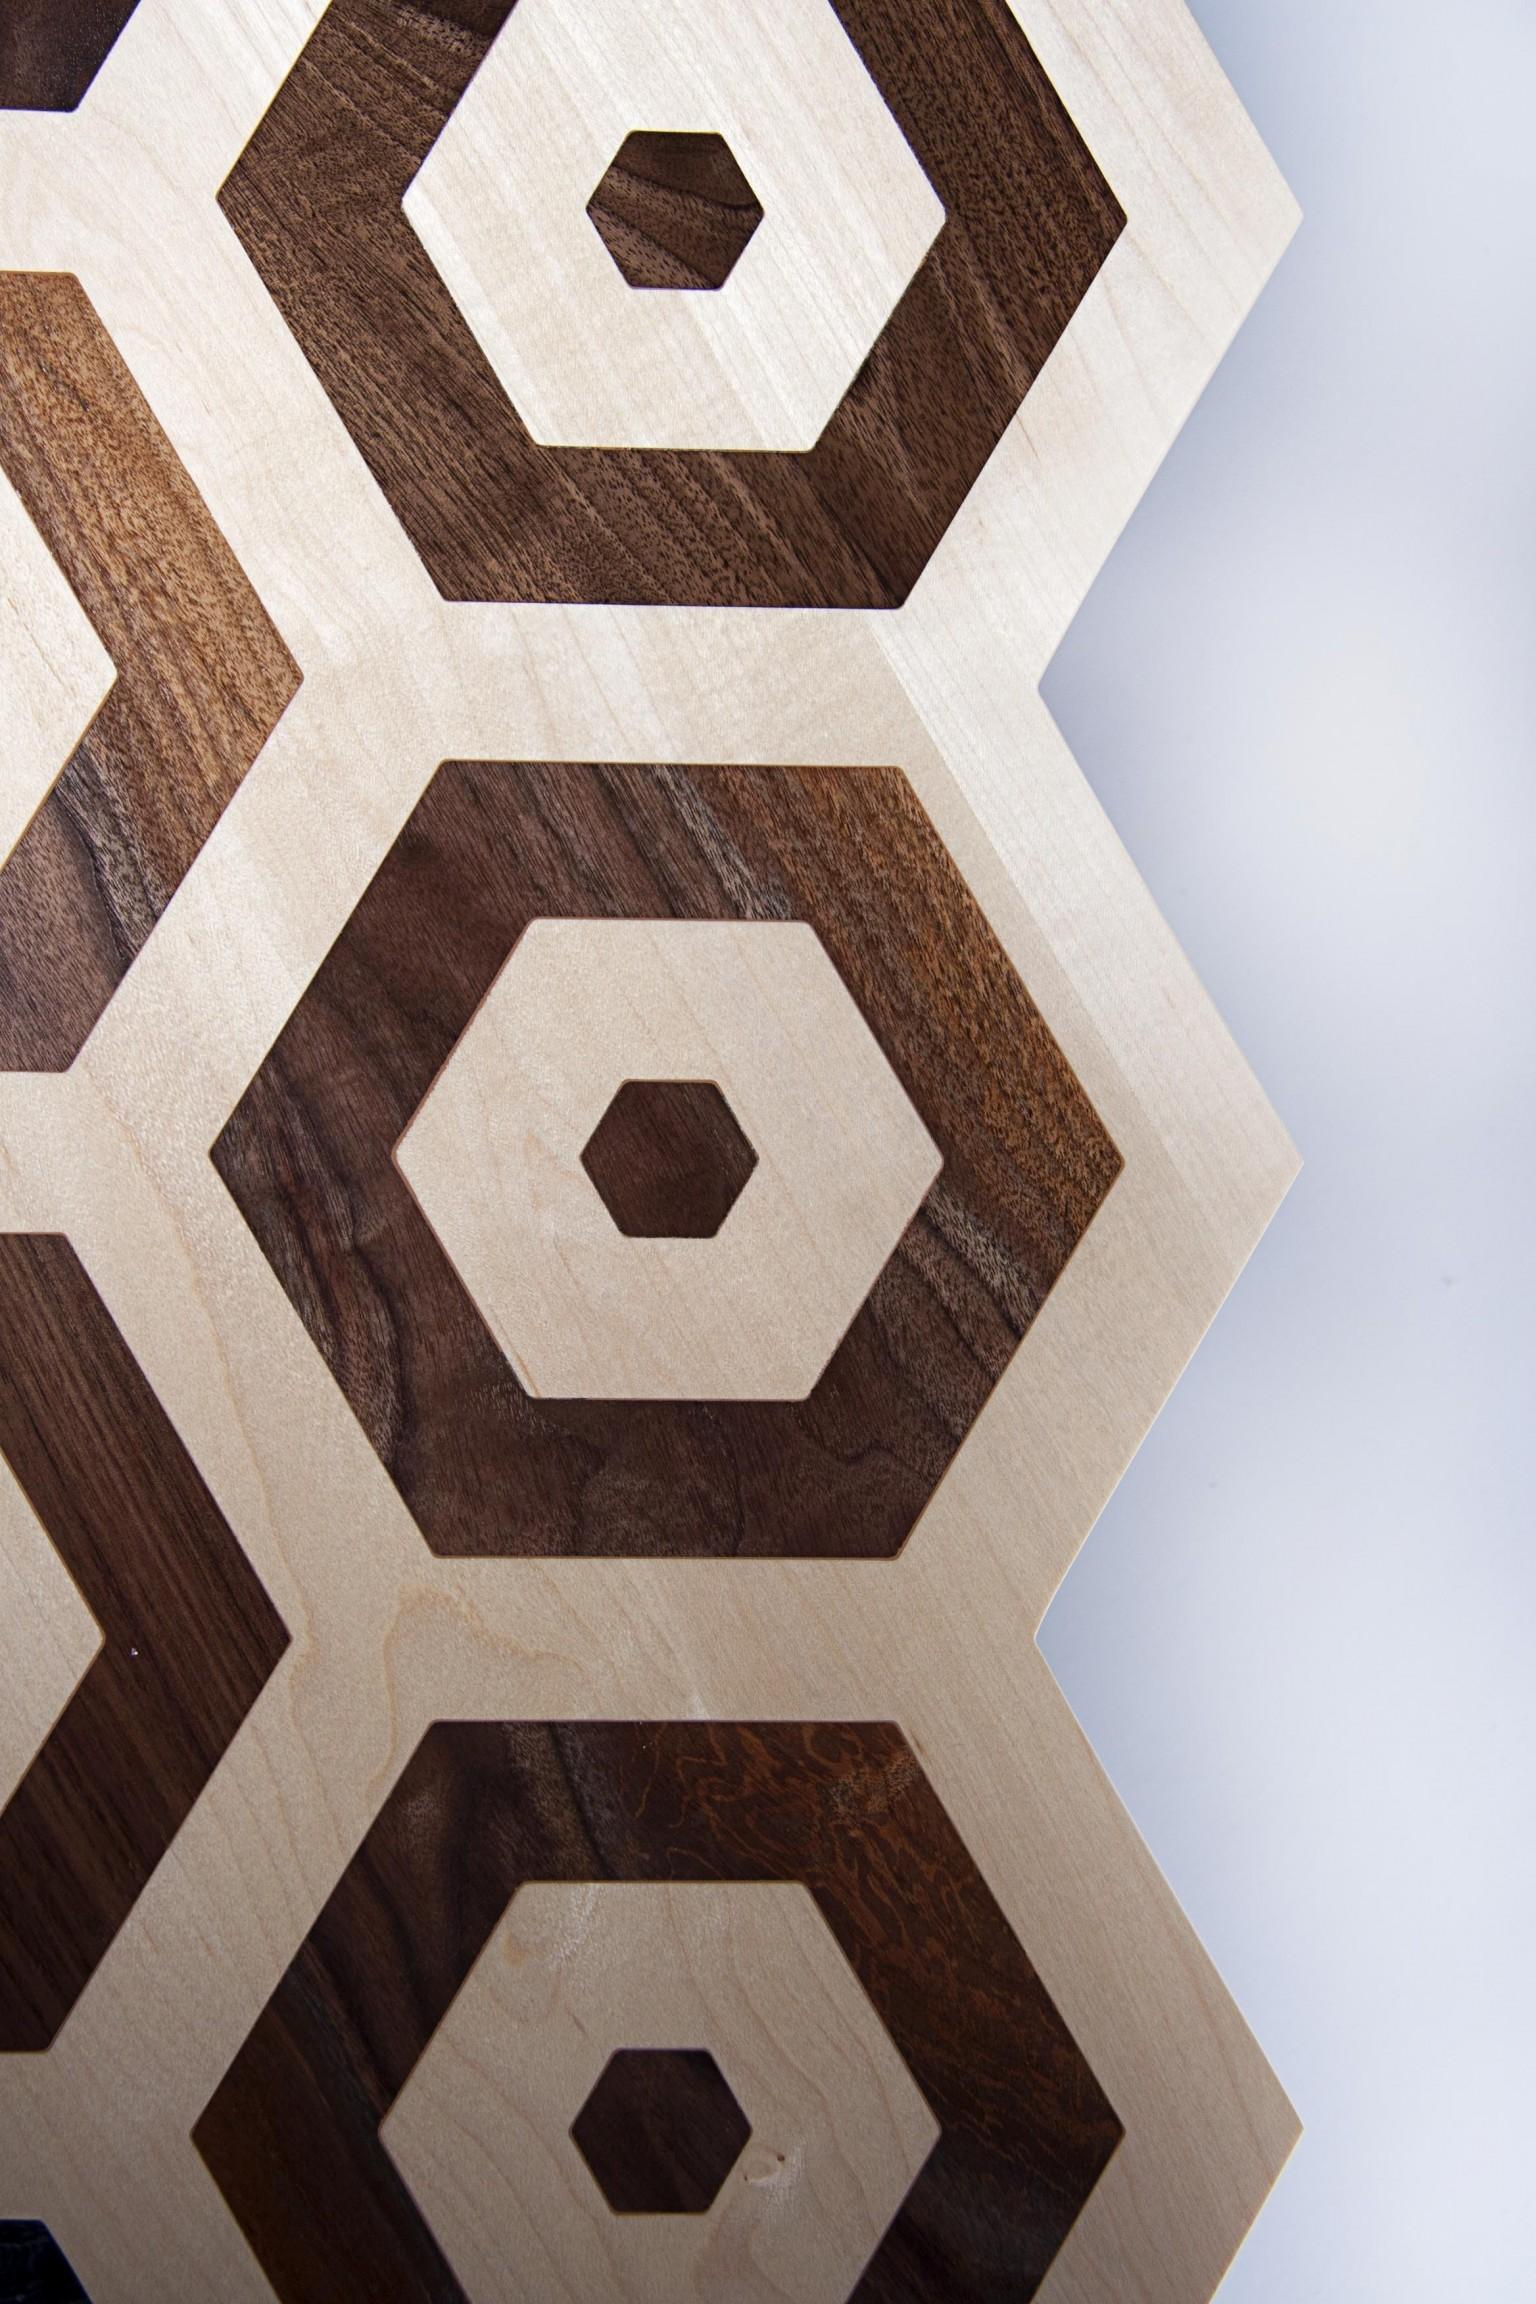 Hexagons 4